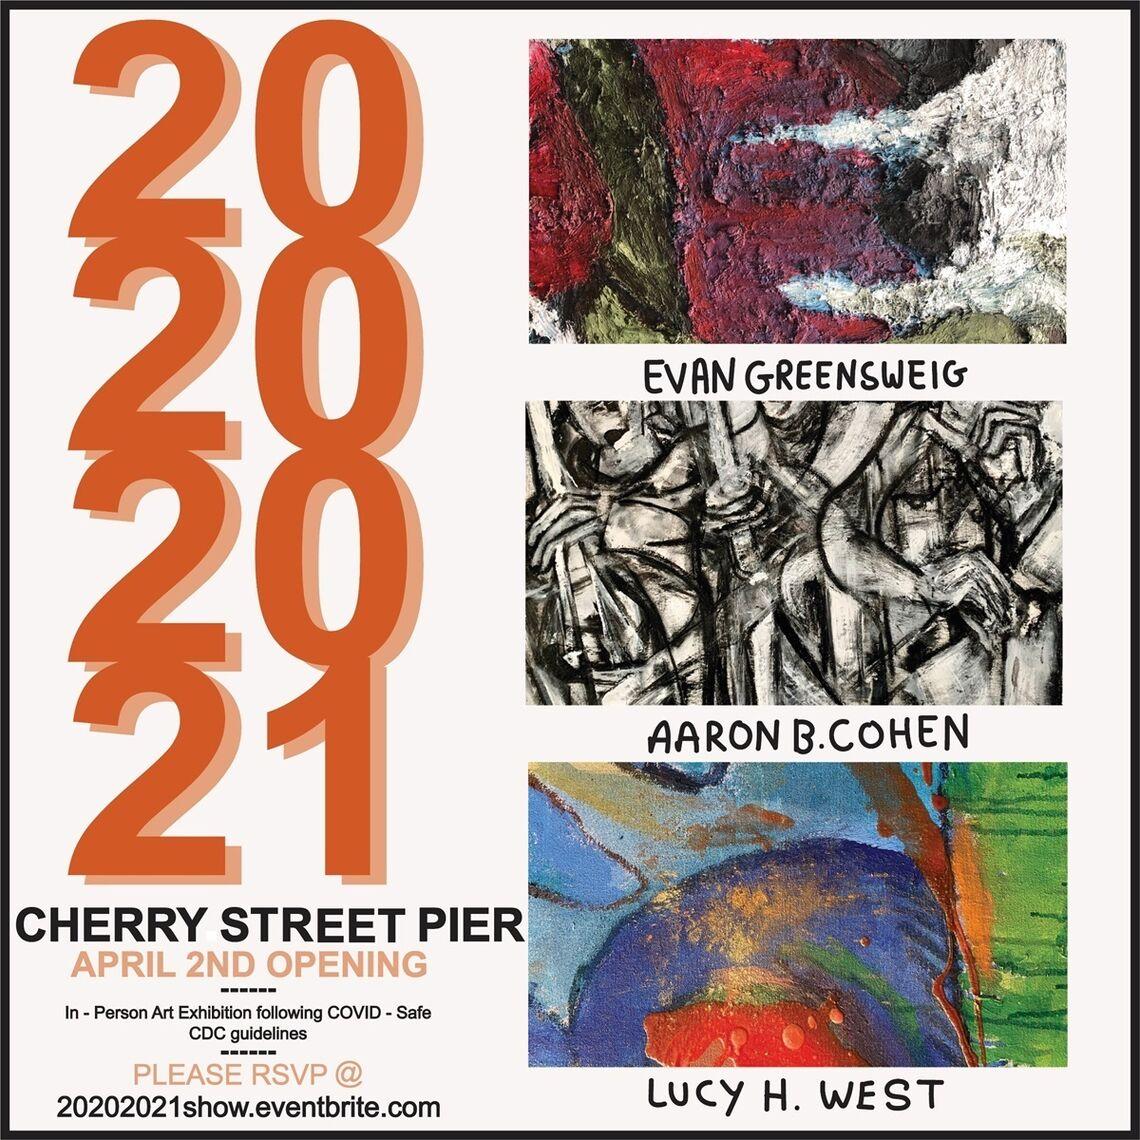 21drwc 2020 2021 exhibit 1200x1200